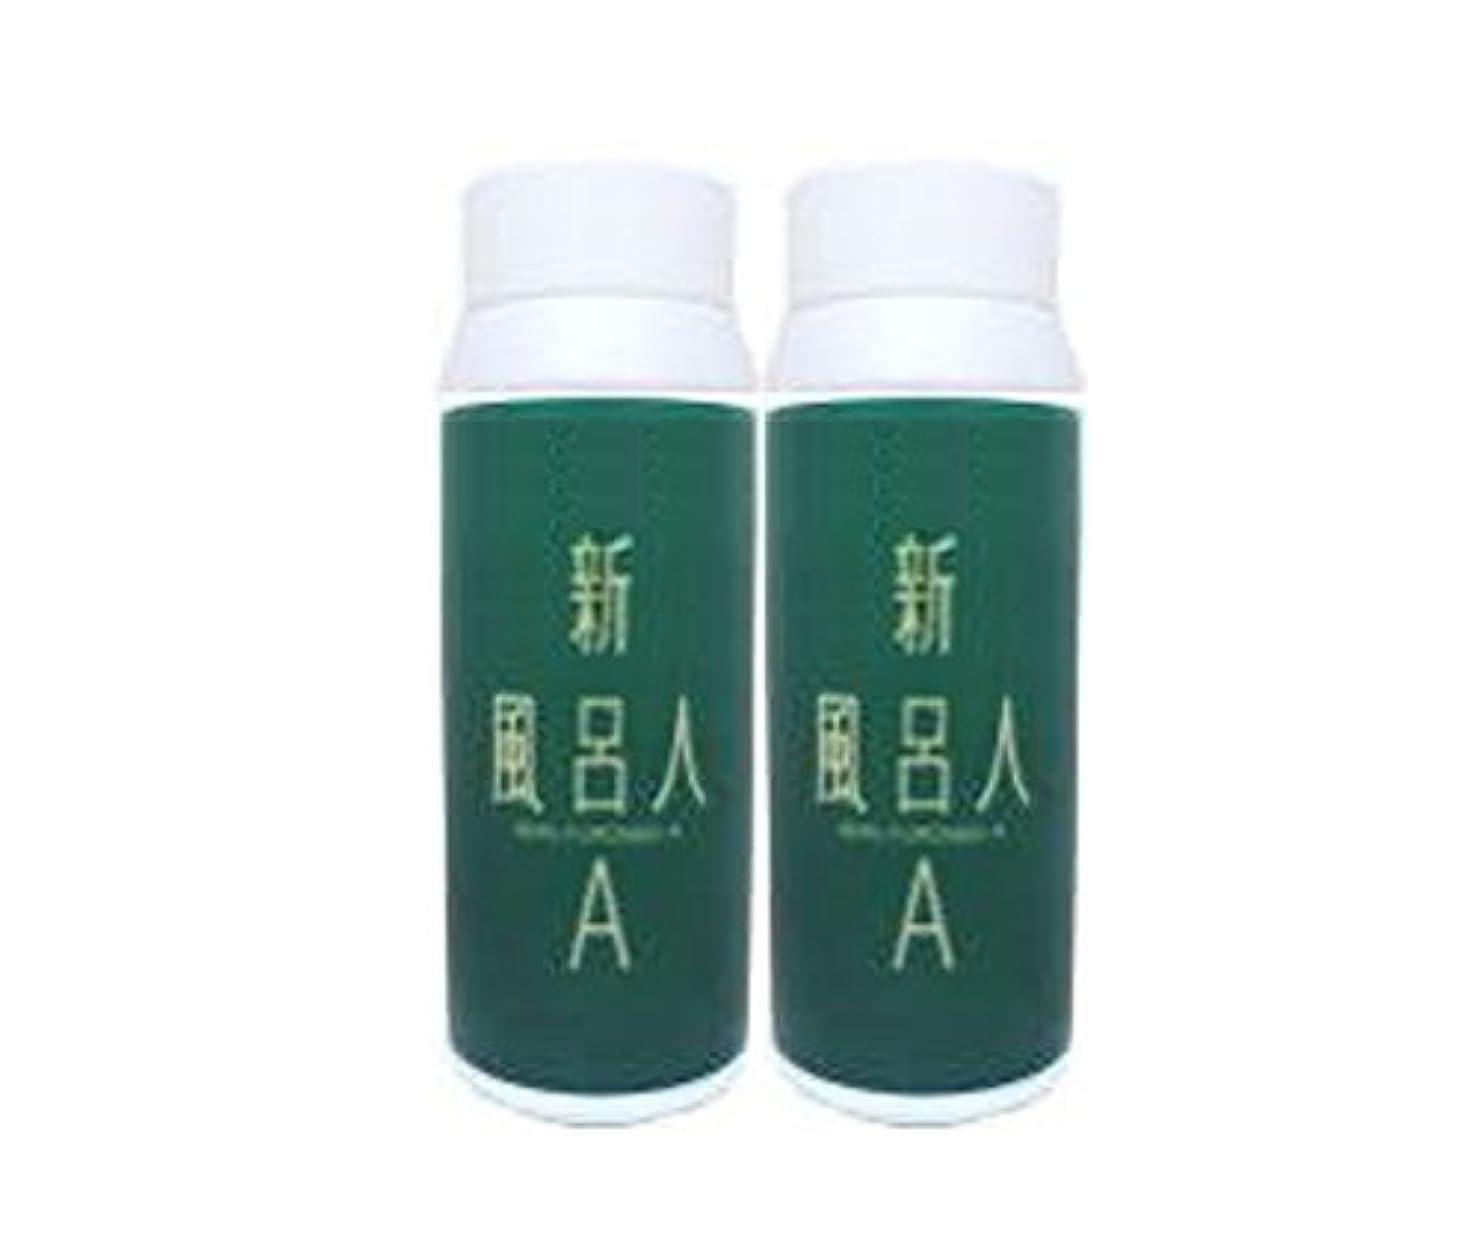 組立規則性小康24時間風呂用 入浴剤 新フロンドA 1000g 【2本セット】